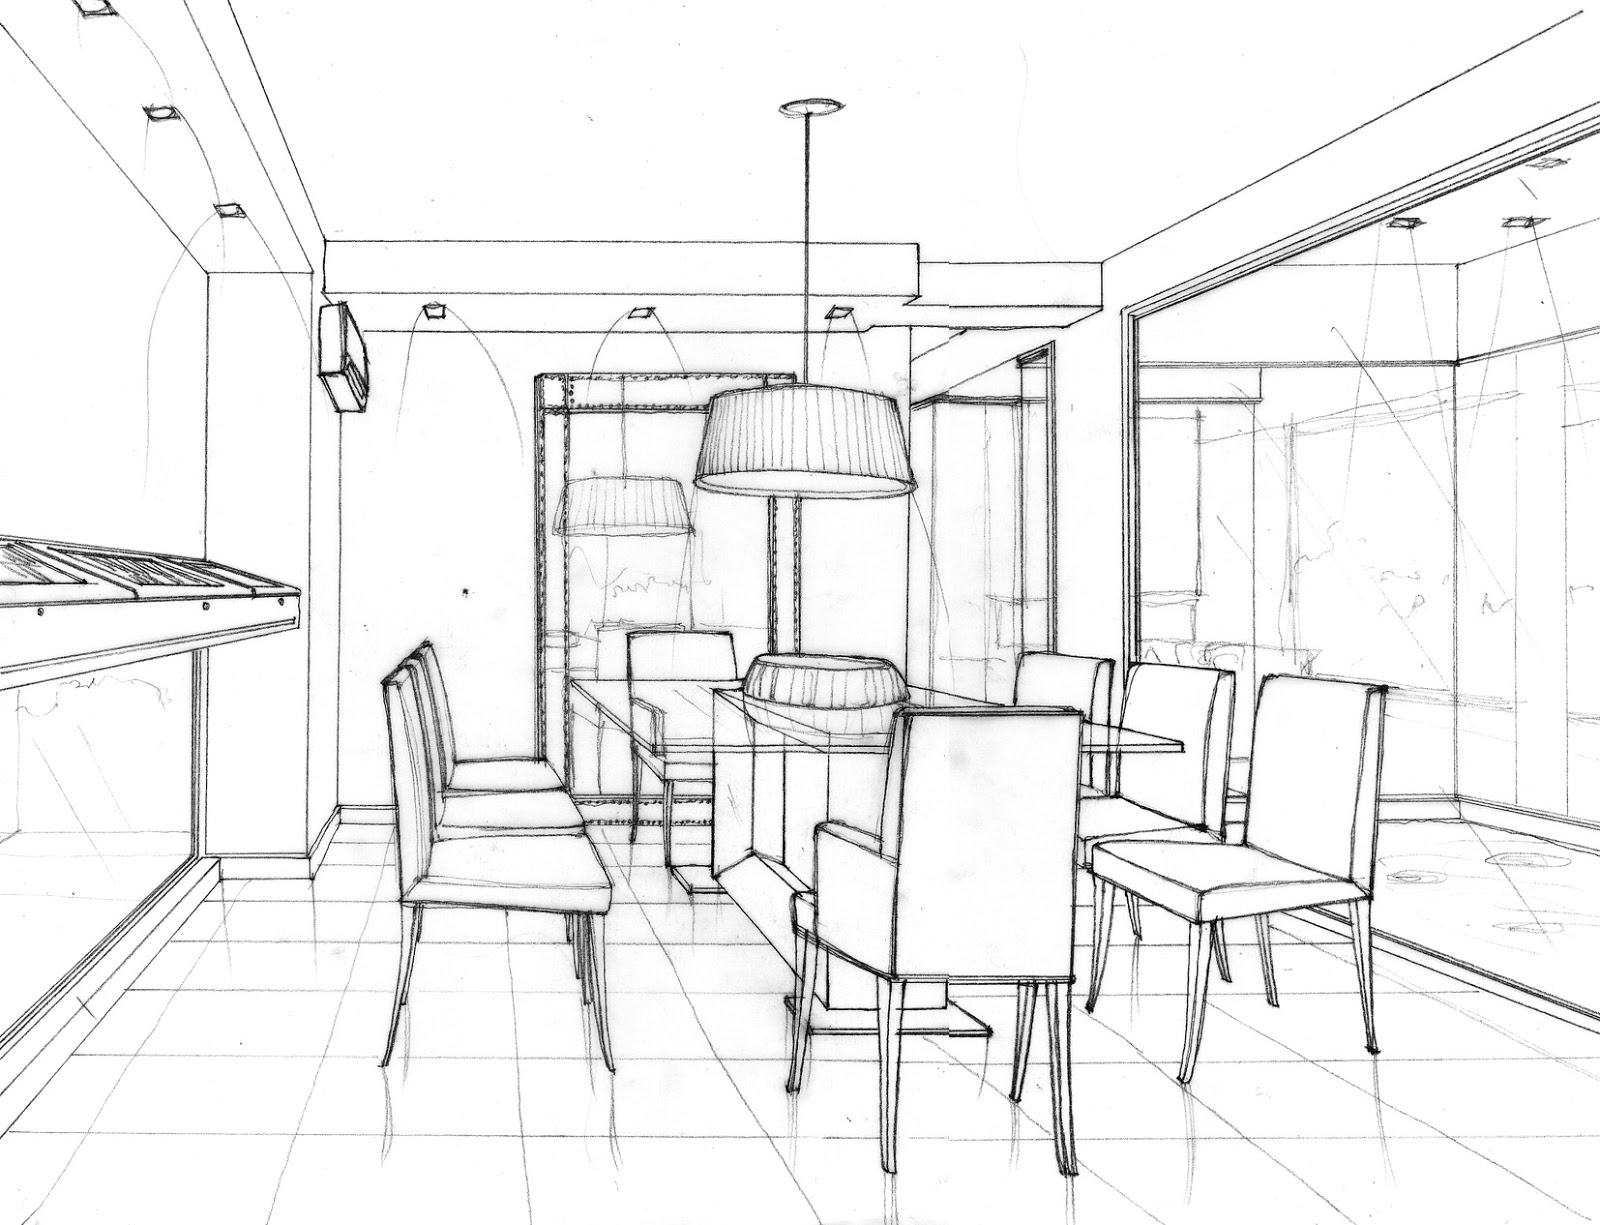 Espacios inventados ideas dibujadas for Comedor para dibujar